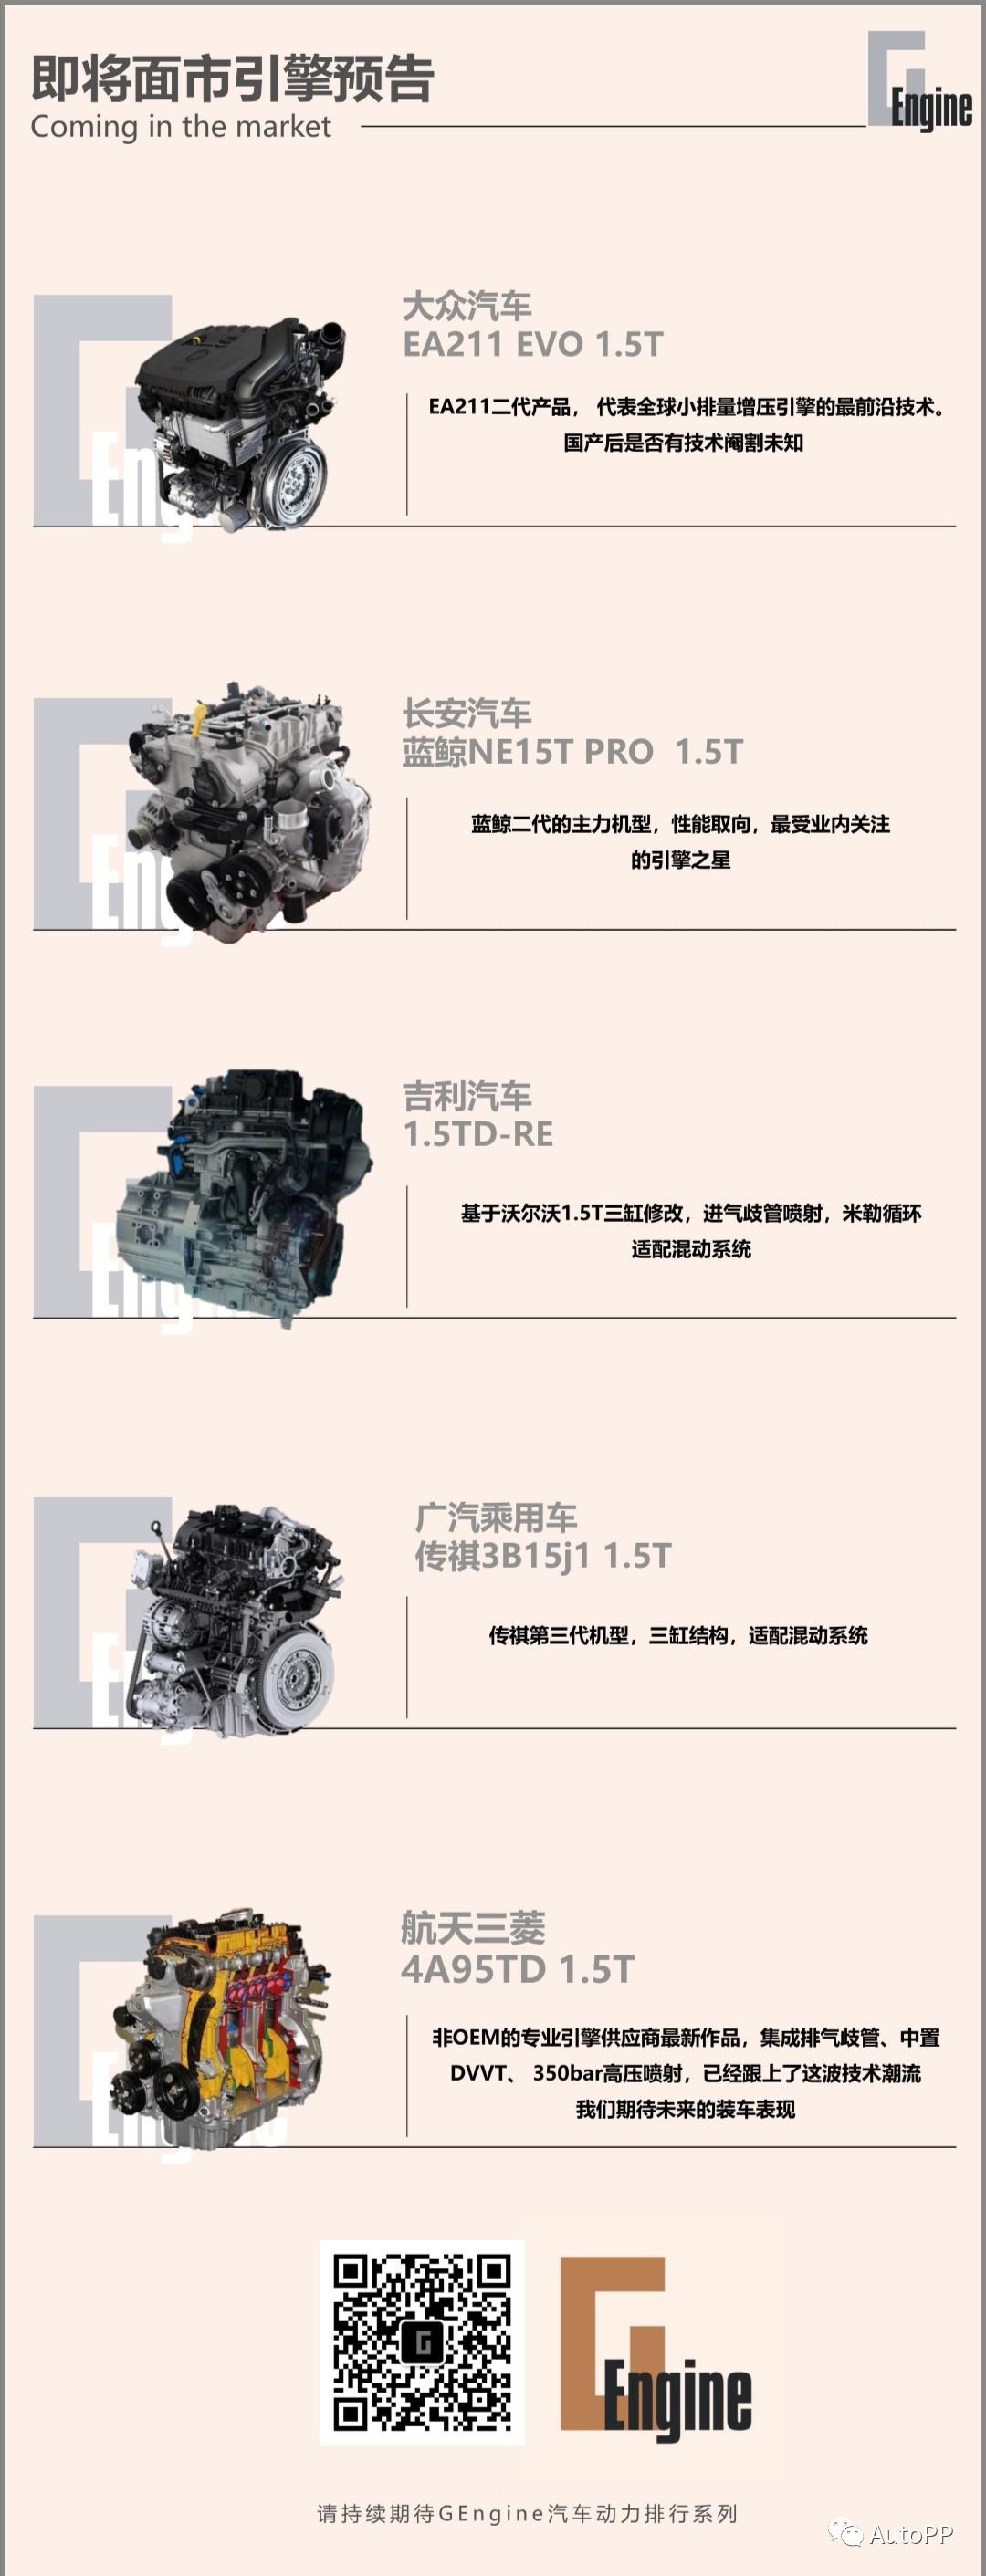 车价网:1.4T1.5T发动机排行 长安汽车蓝鲸位居三甲